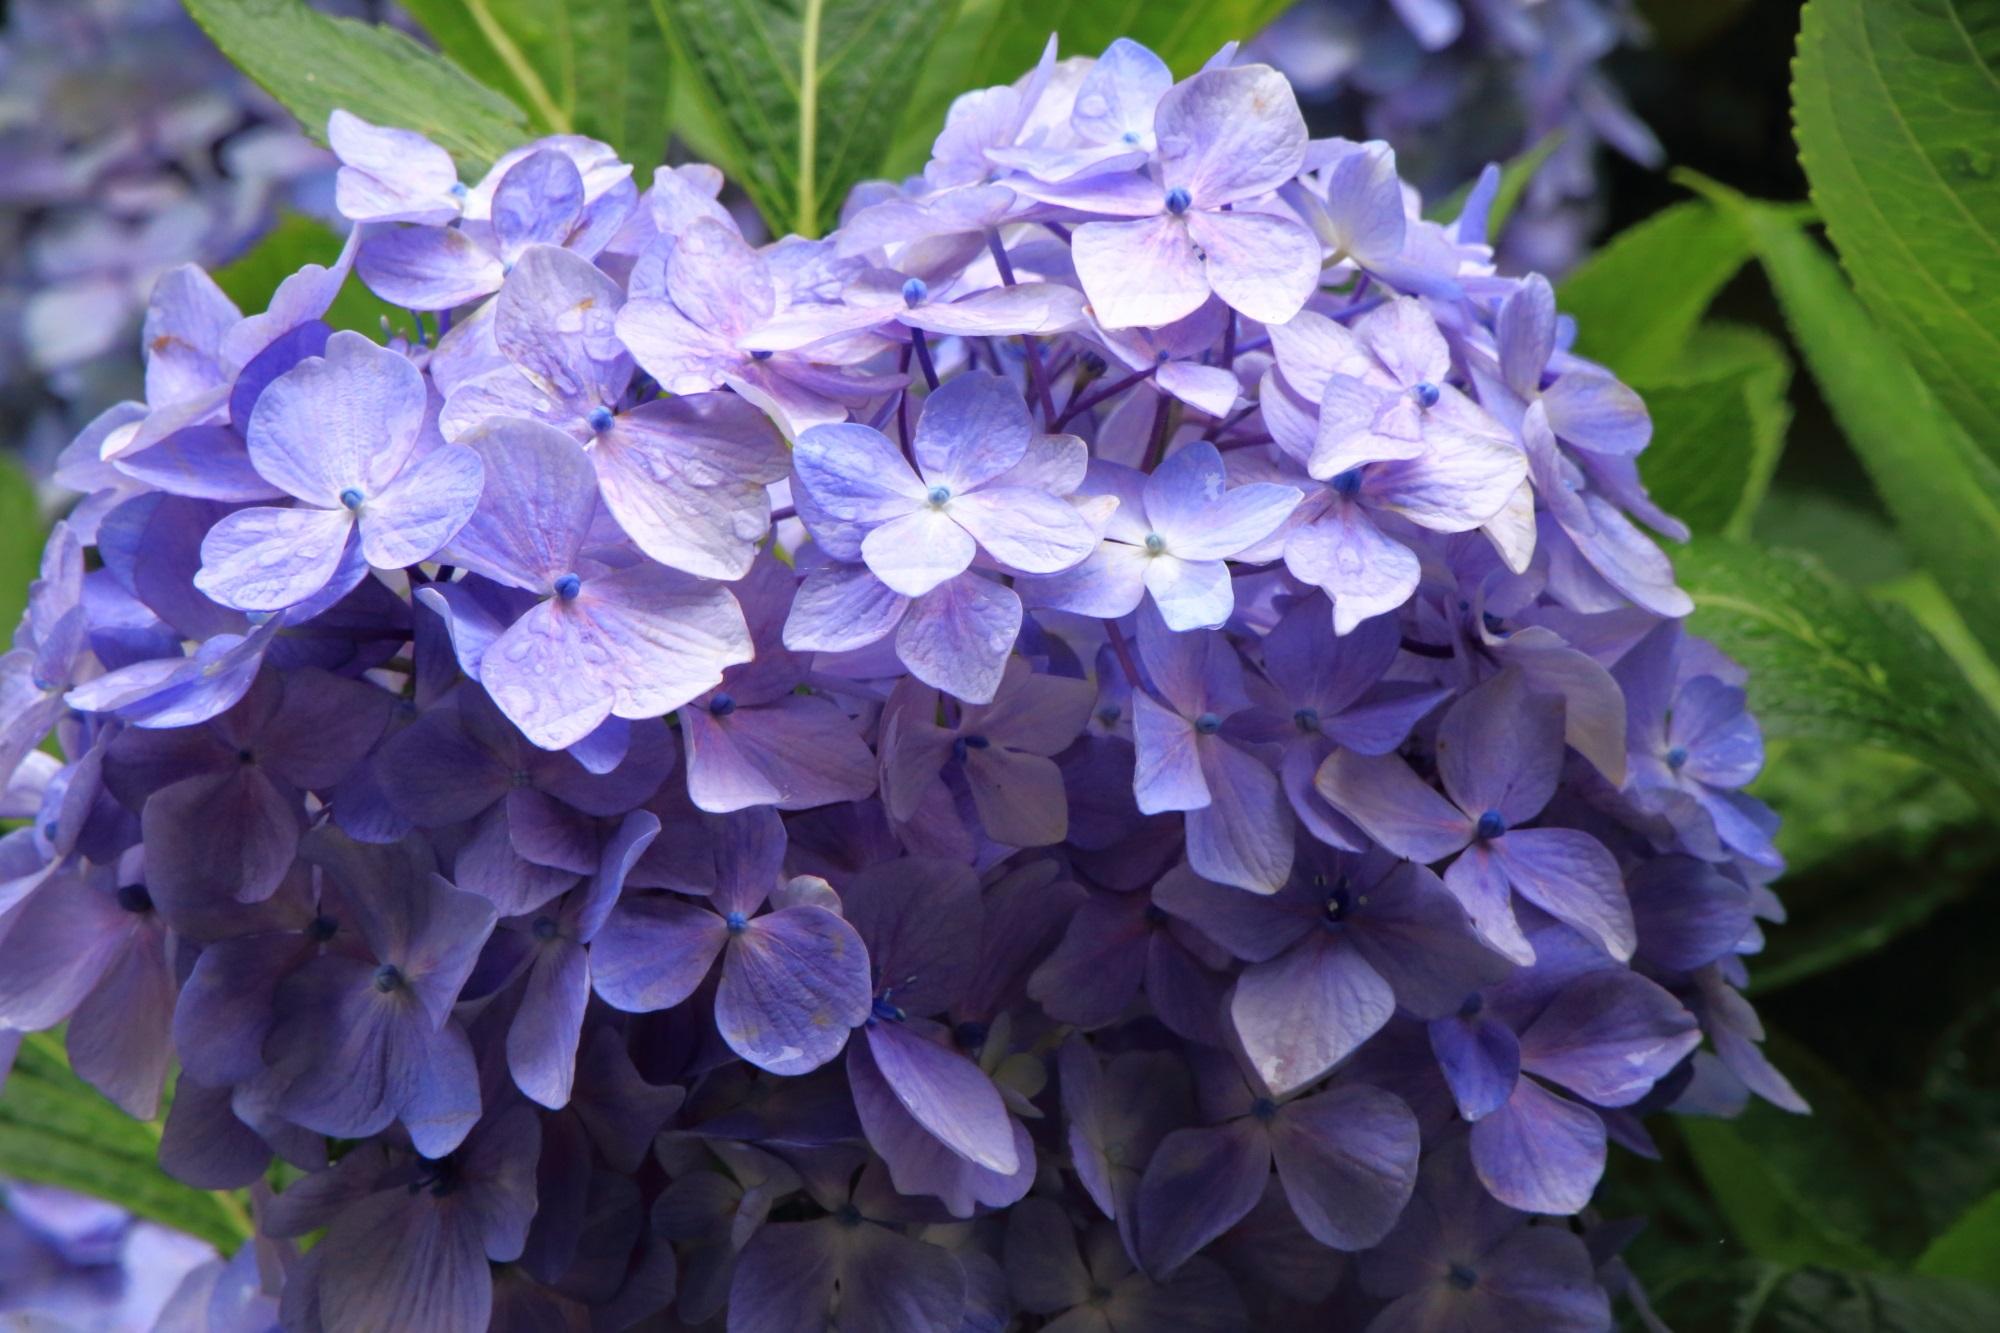 丹州観音寺の水滴で潤う淡い薄紫色の紫陽花